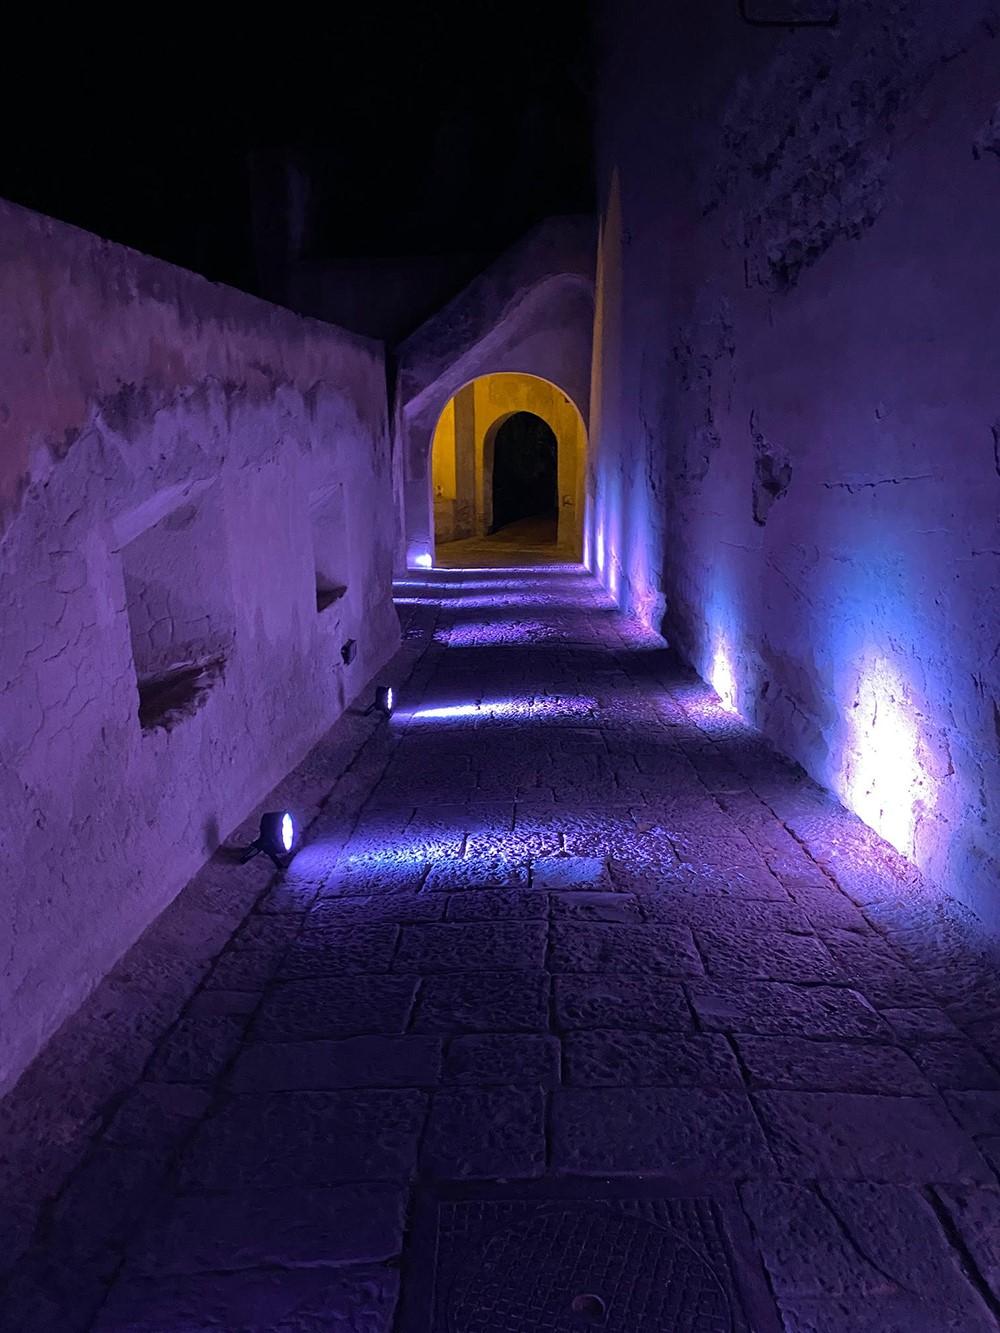 Ieri al Castello di Baia la serata è stata veramente una Favola - 15